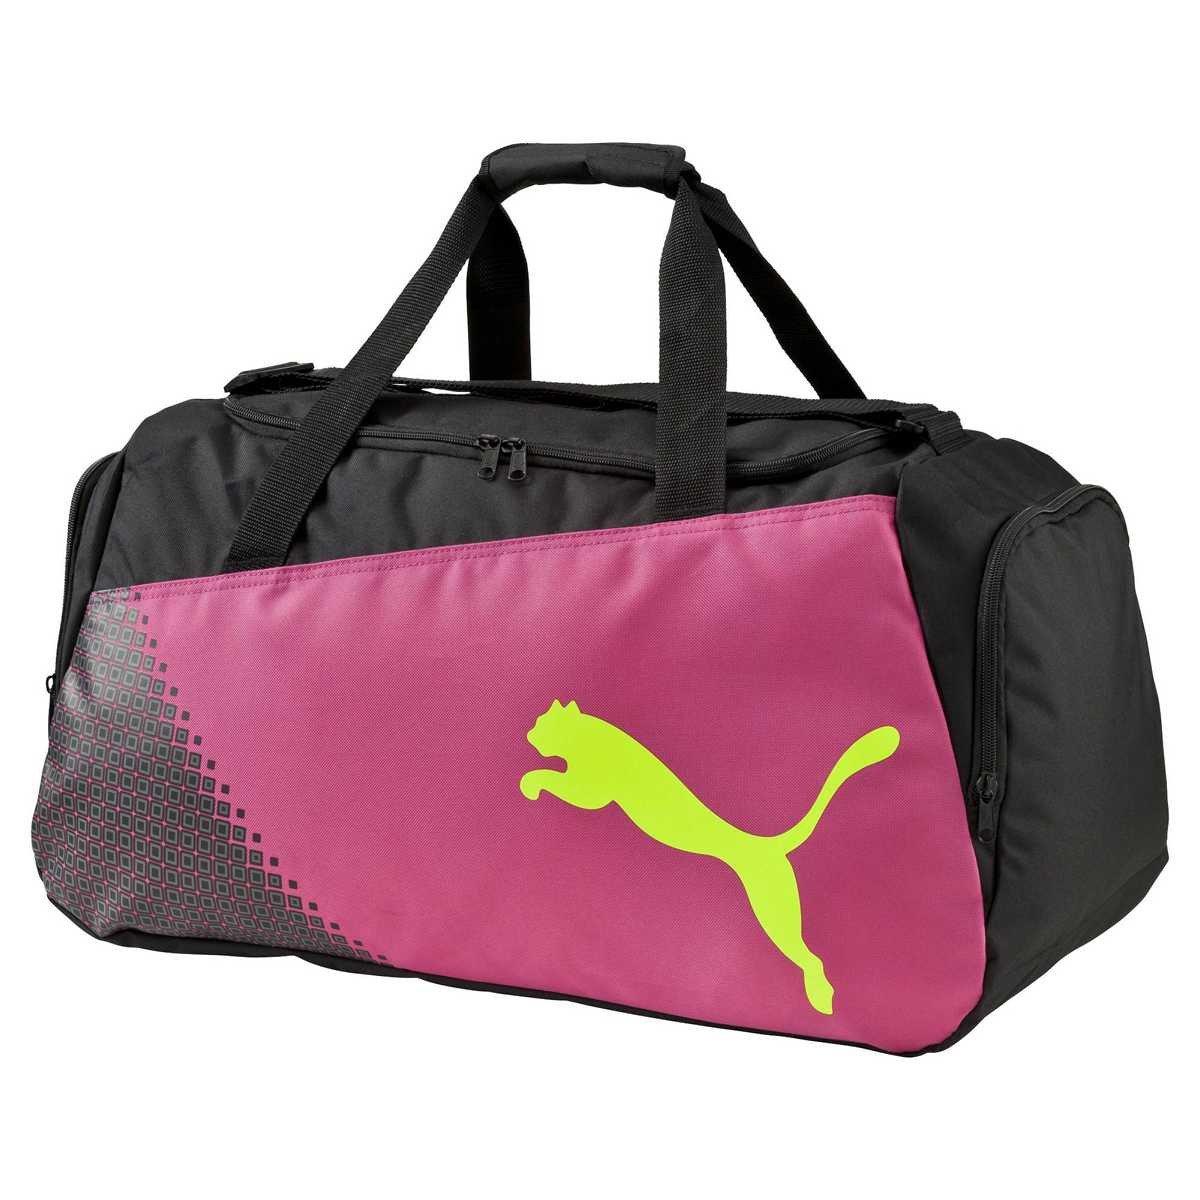 Puma Pro Training Medium Bag Tasche Tricks 072938 01 Sporttasche ca. 56 Liter